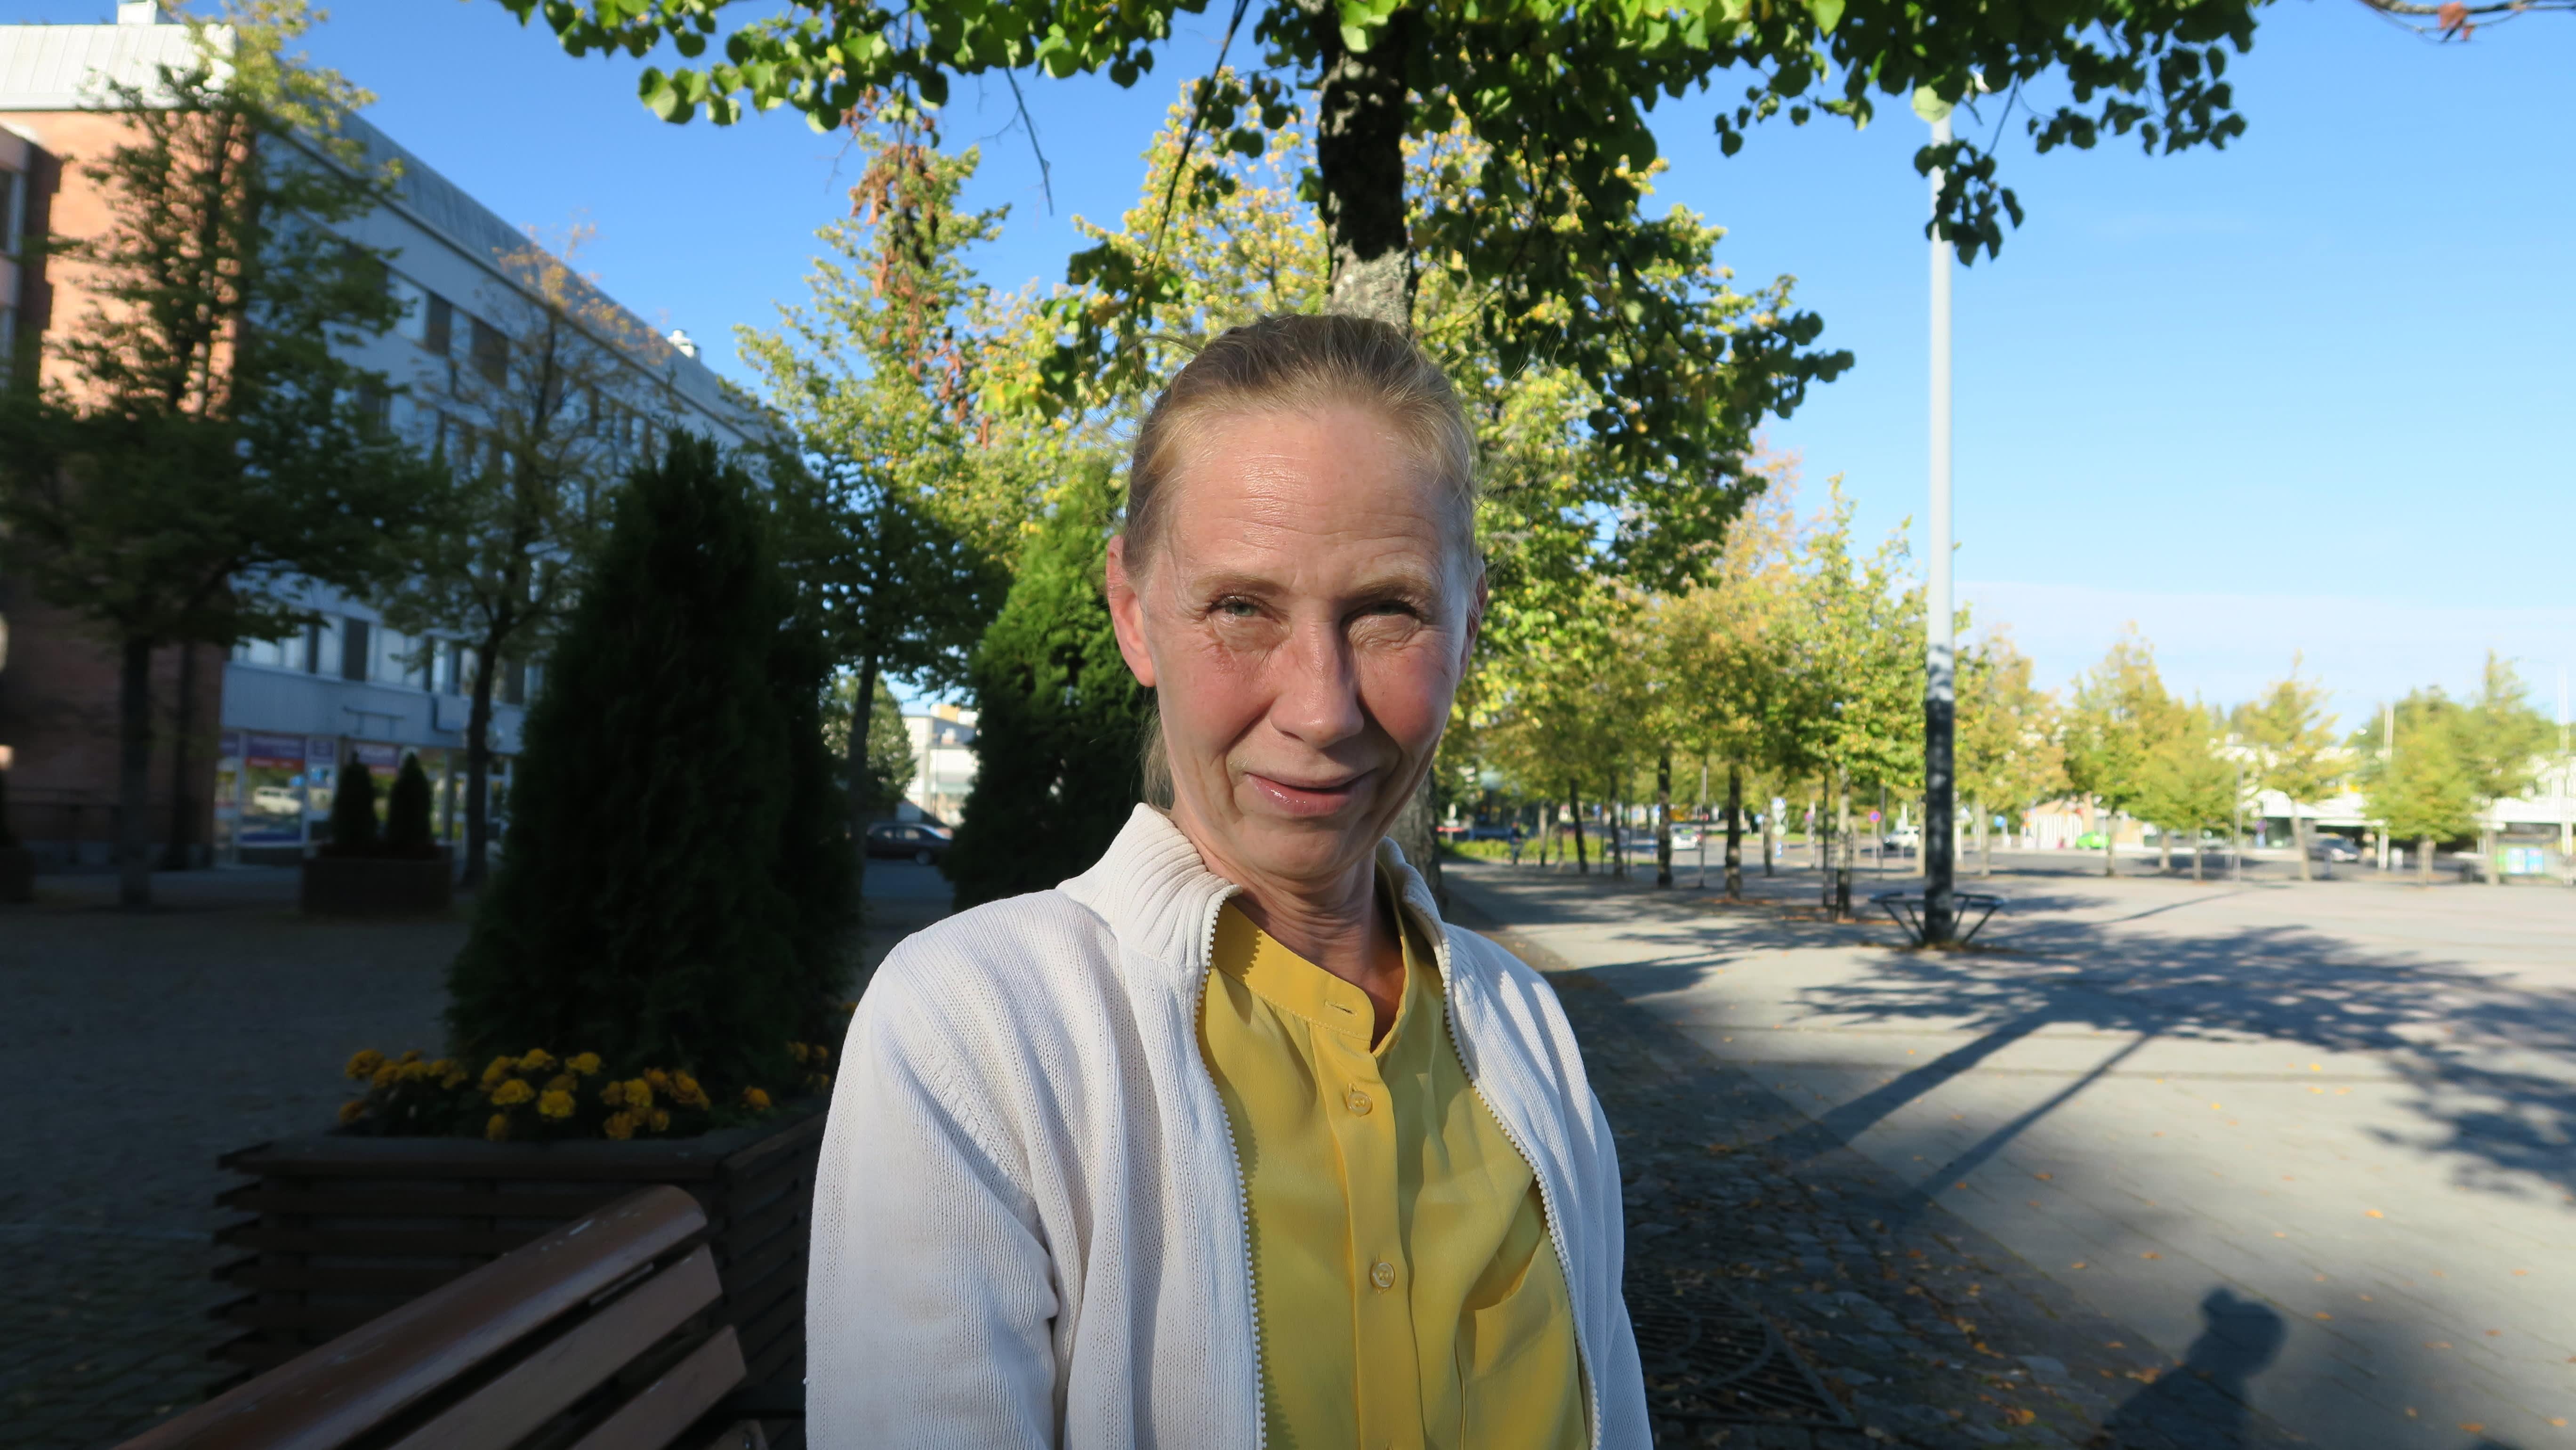 Näyttelijä Kati Outinen ratkaisisi ongelmat Forssan kantaväestön ja turvapaikanhakijoiden välillä keskustelemalla